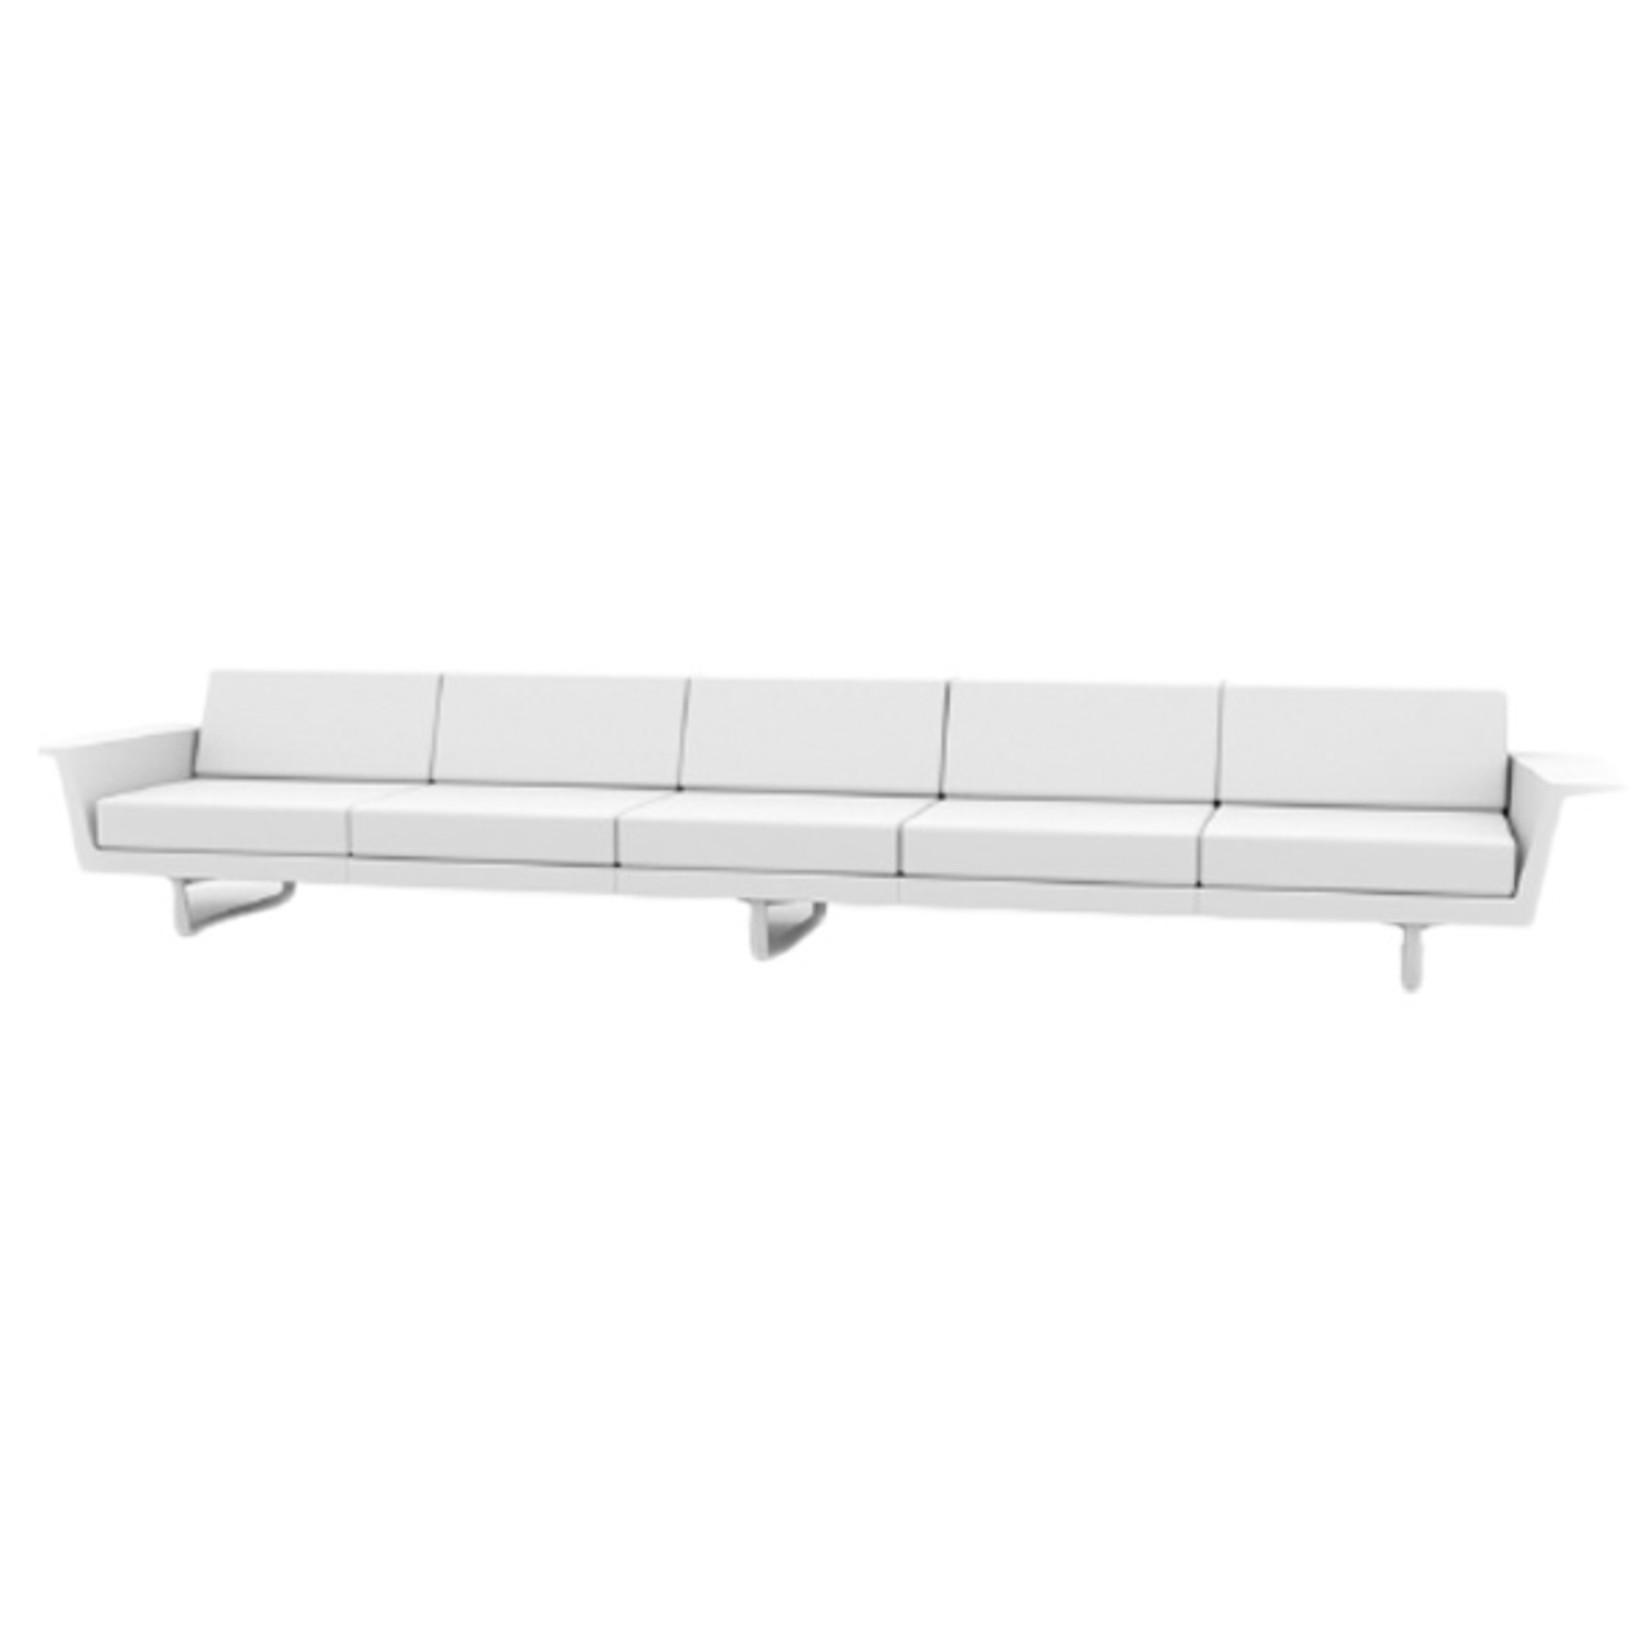 Vondom DELTA Sofa 5 seat